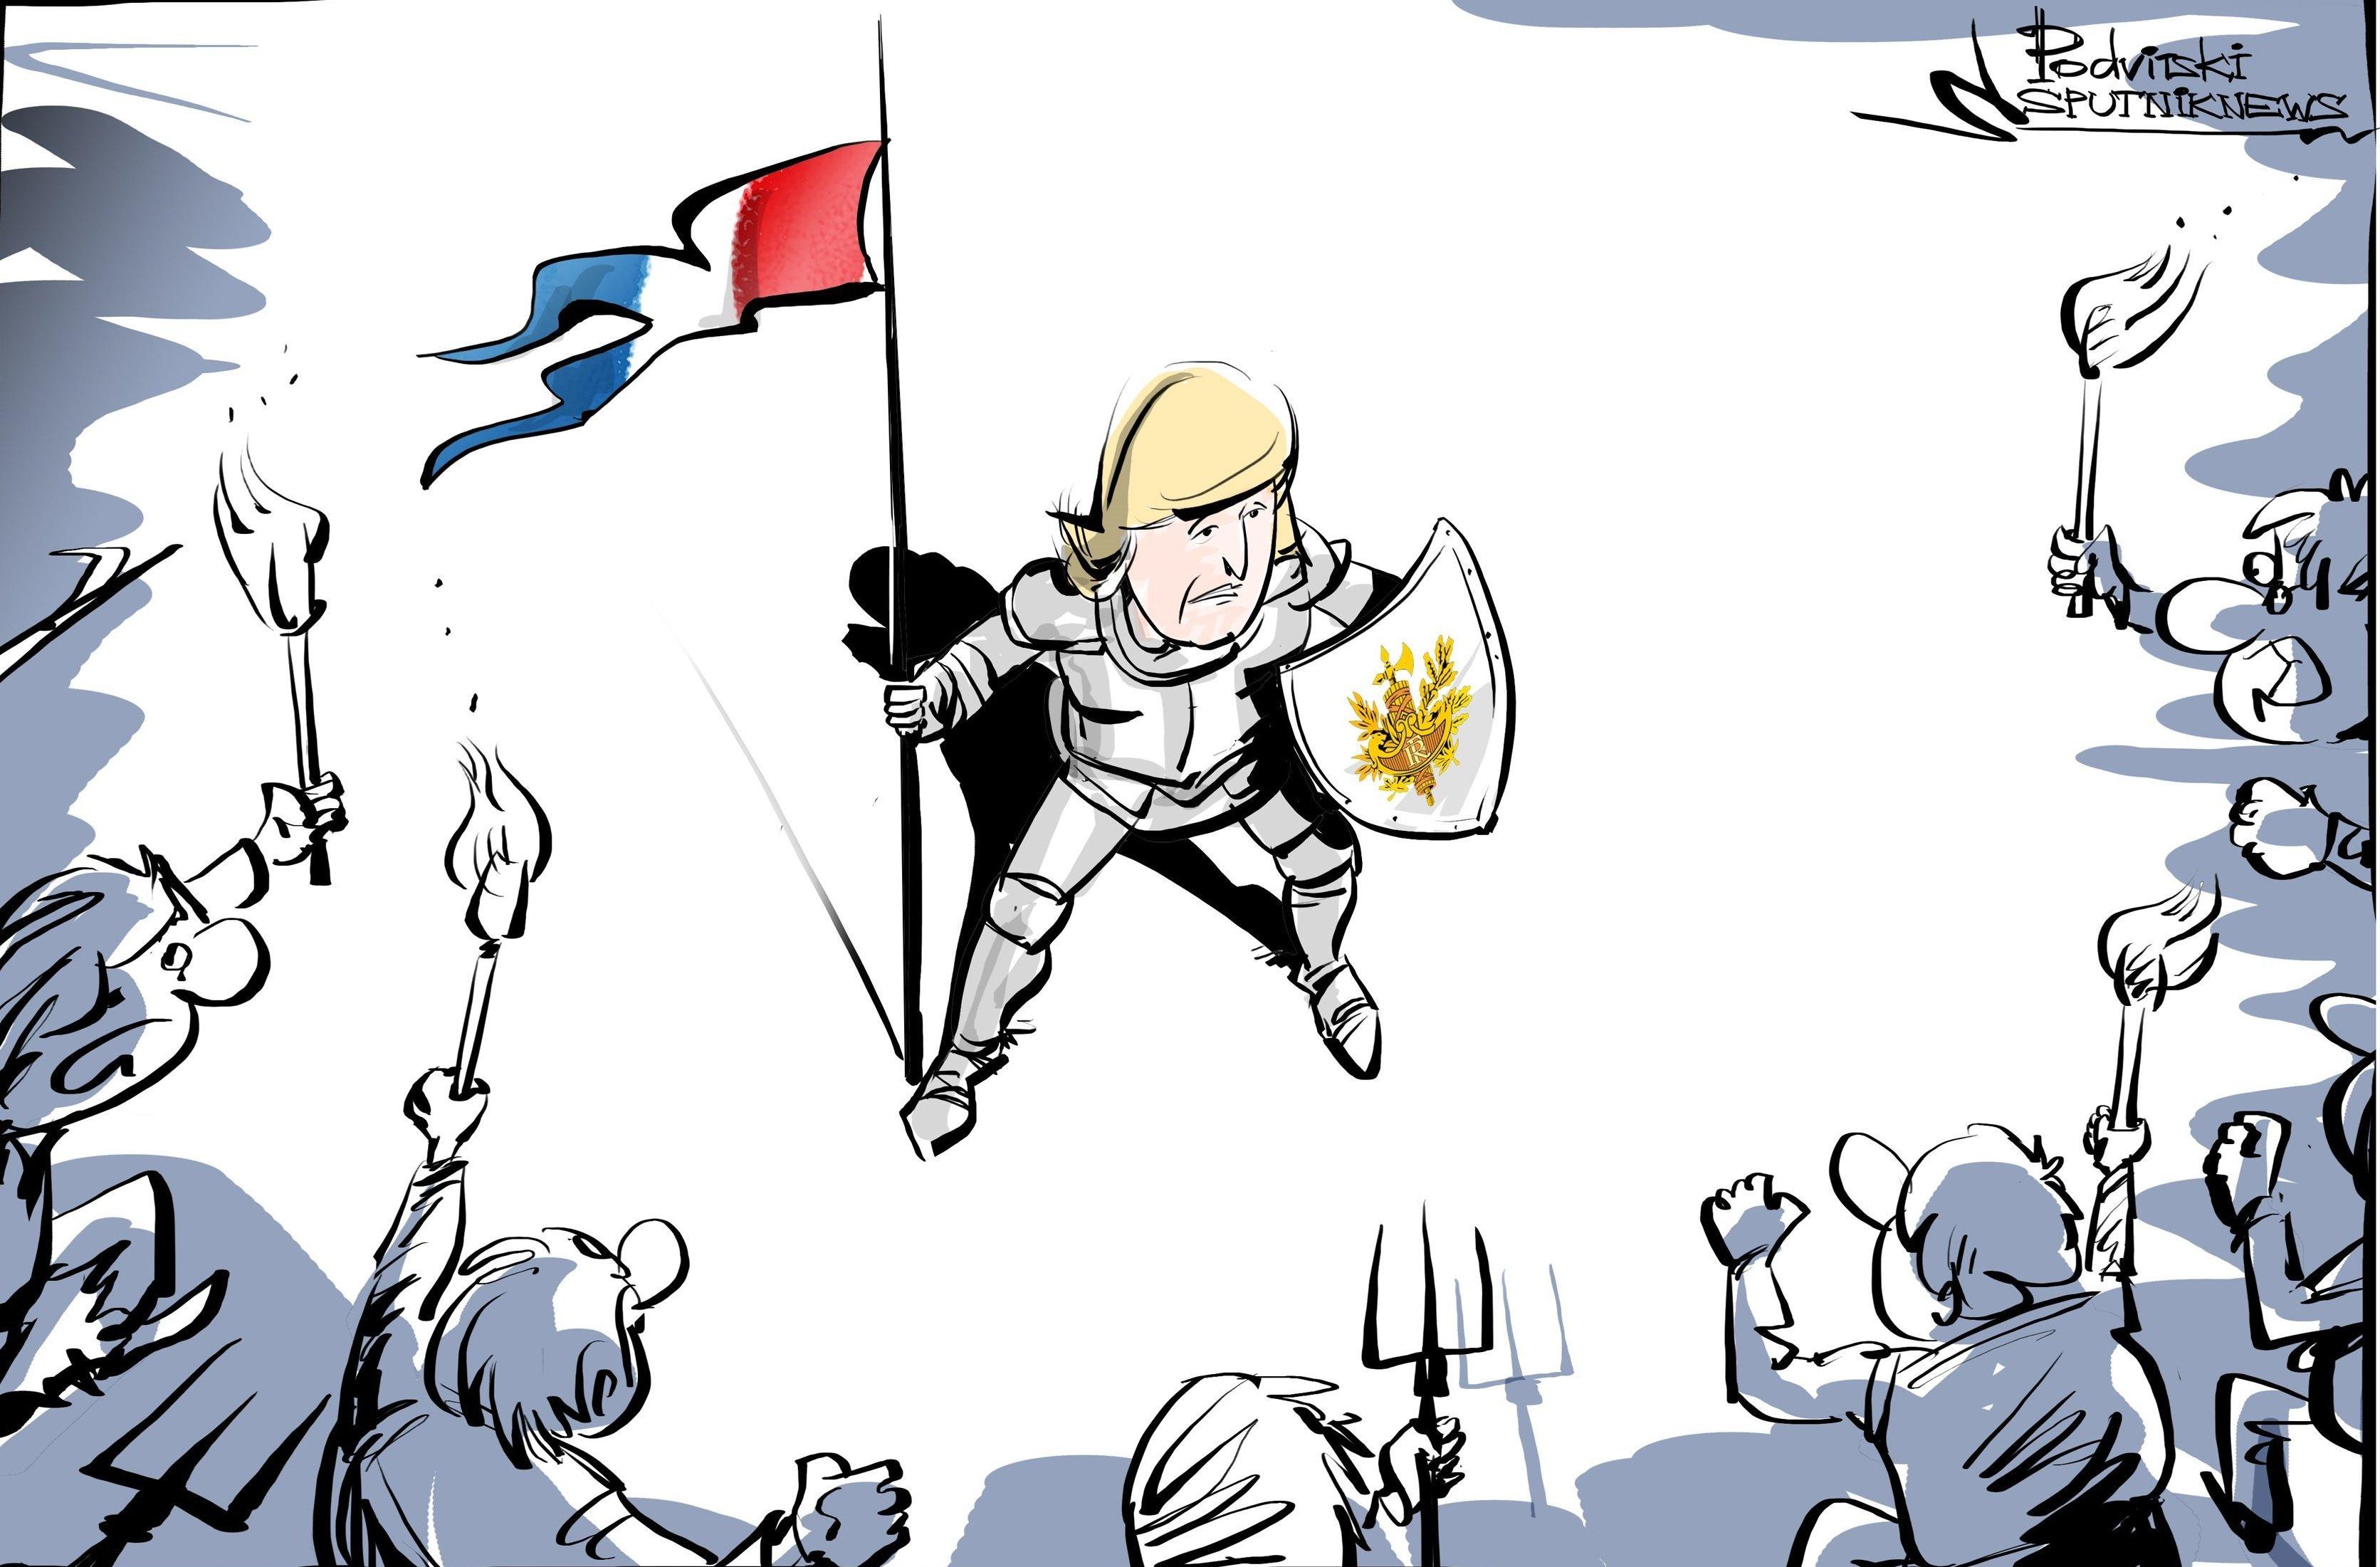 Deux militantes Femen font irruption sur scène lors du discours de Marine Le Pen